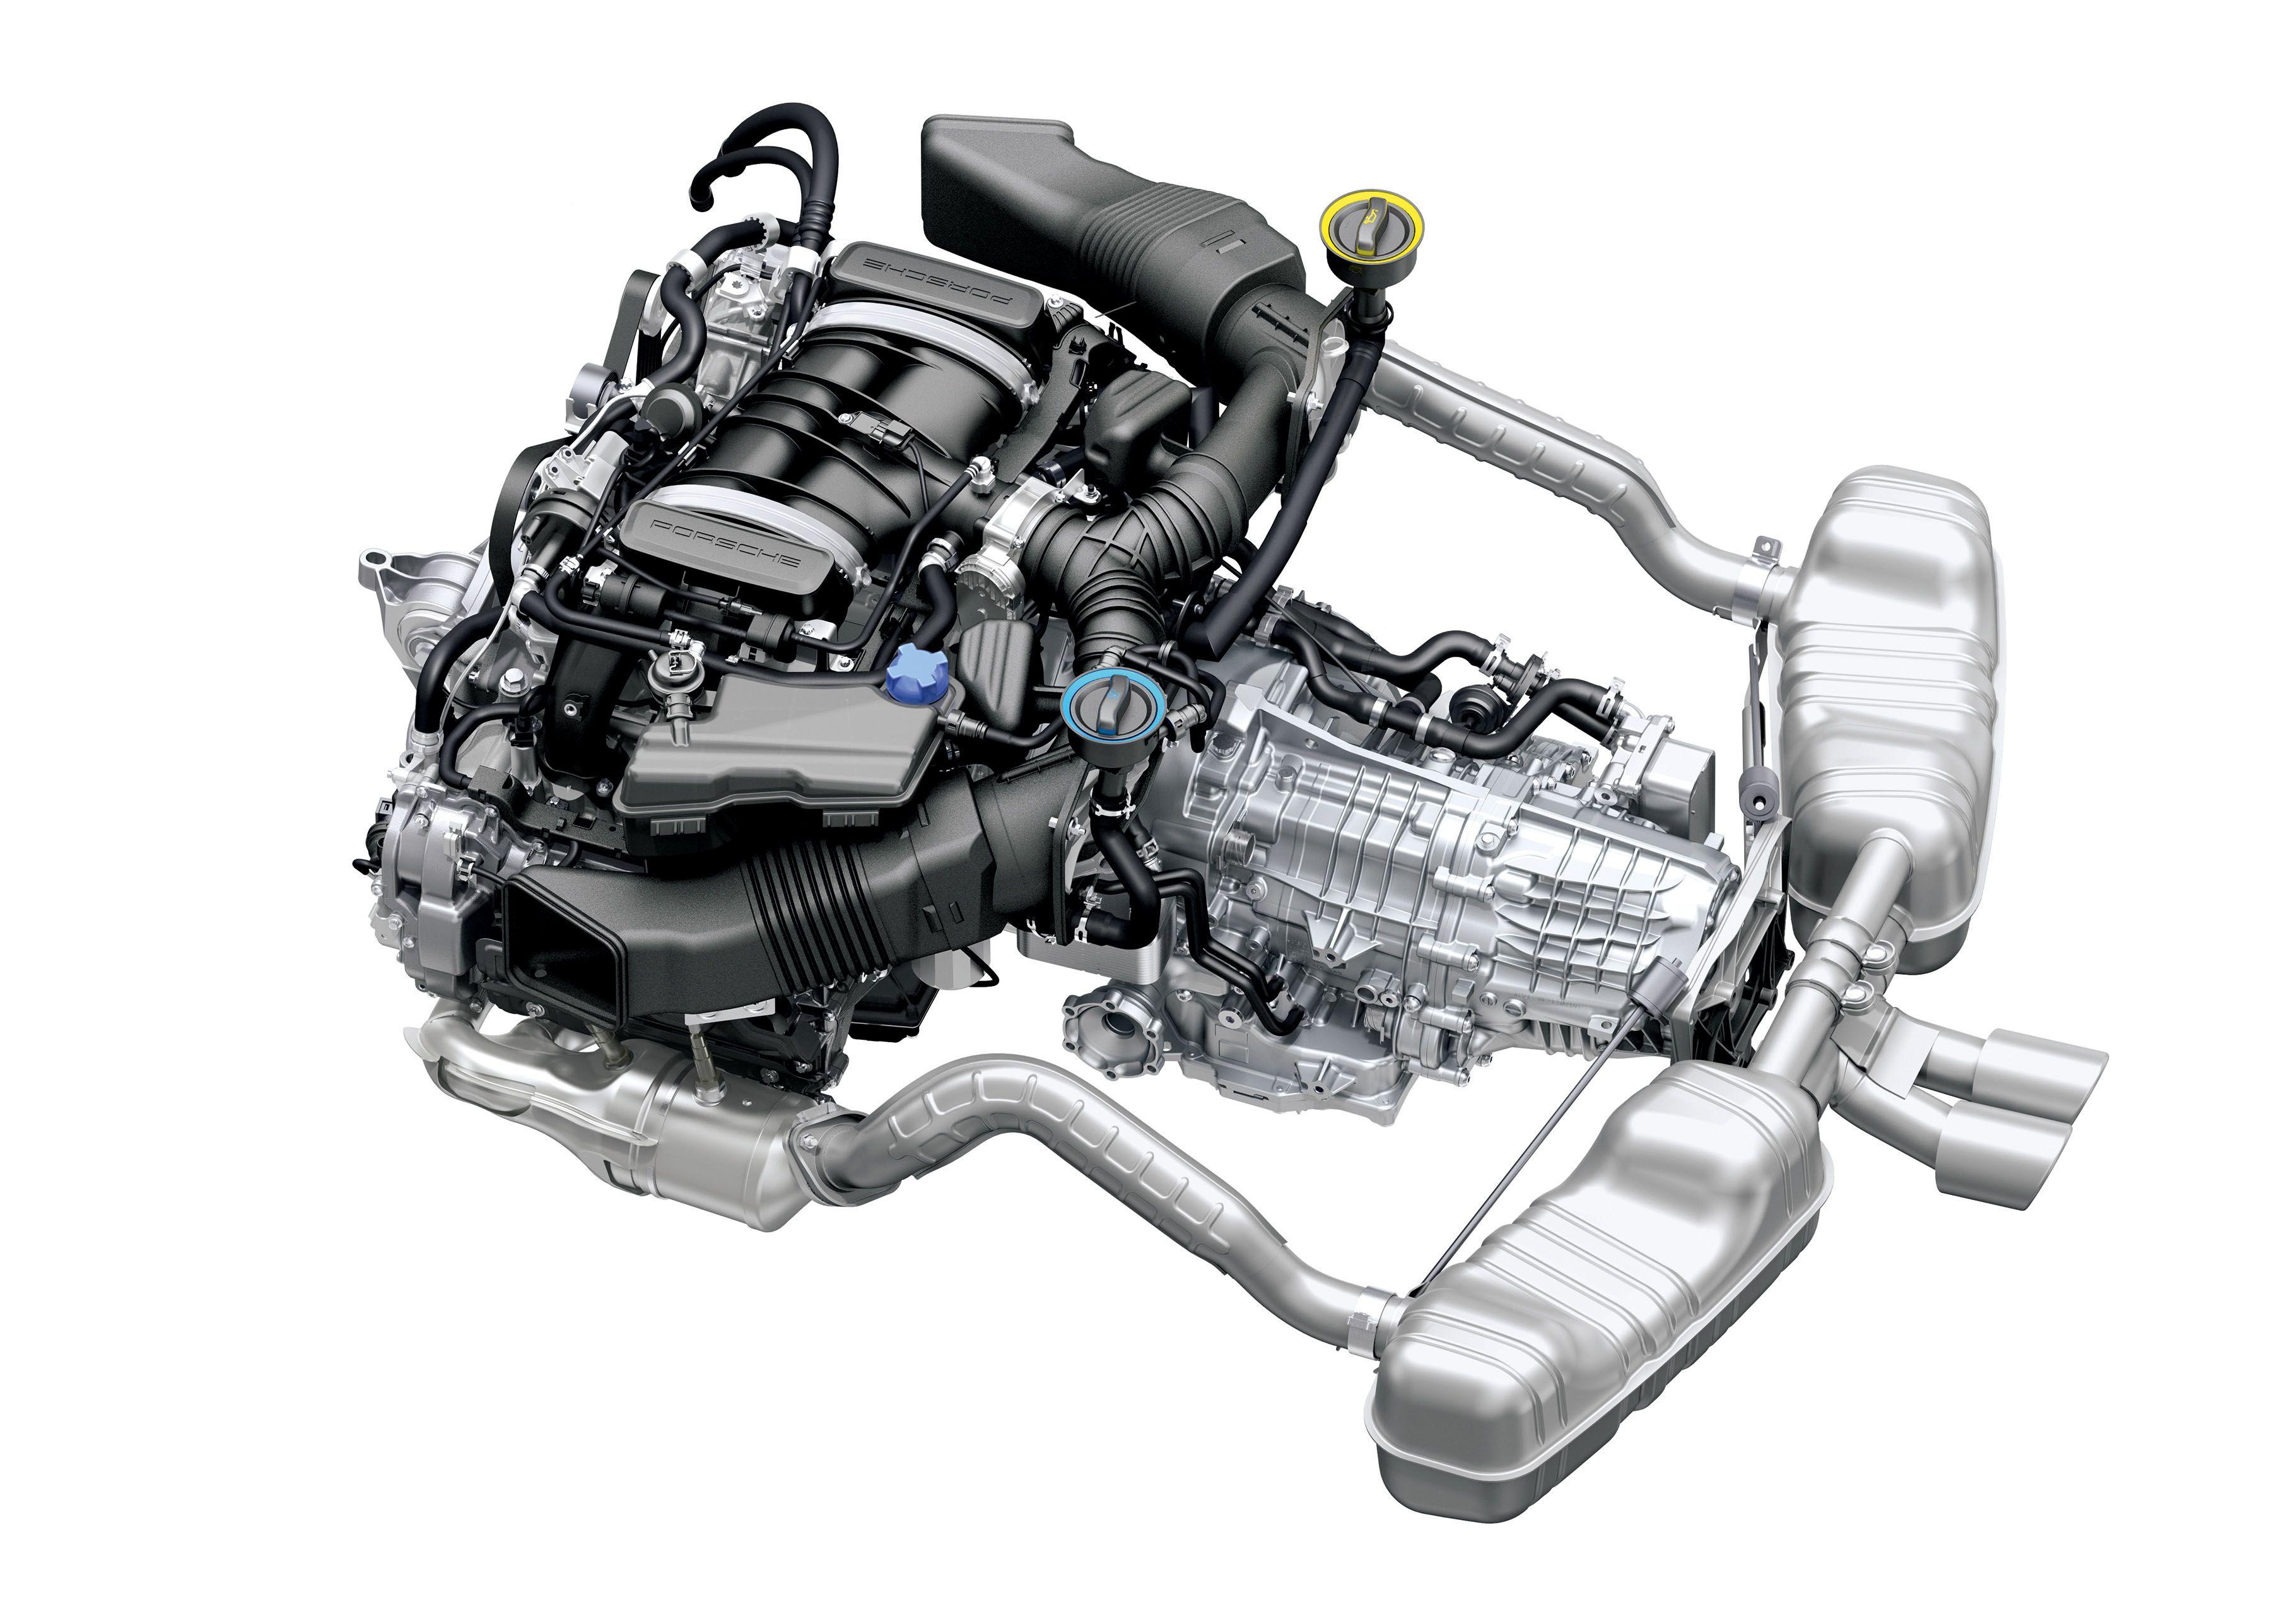 2014 Porsche Cayman, Porsche Gt, Porsche Sports Car, Sports Cars, Porsche  718